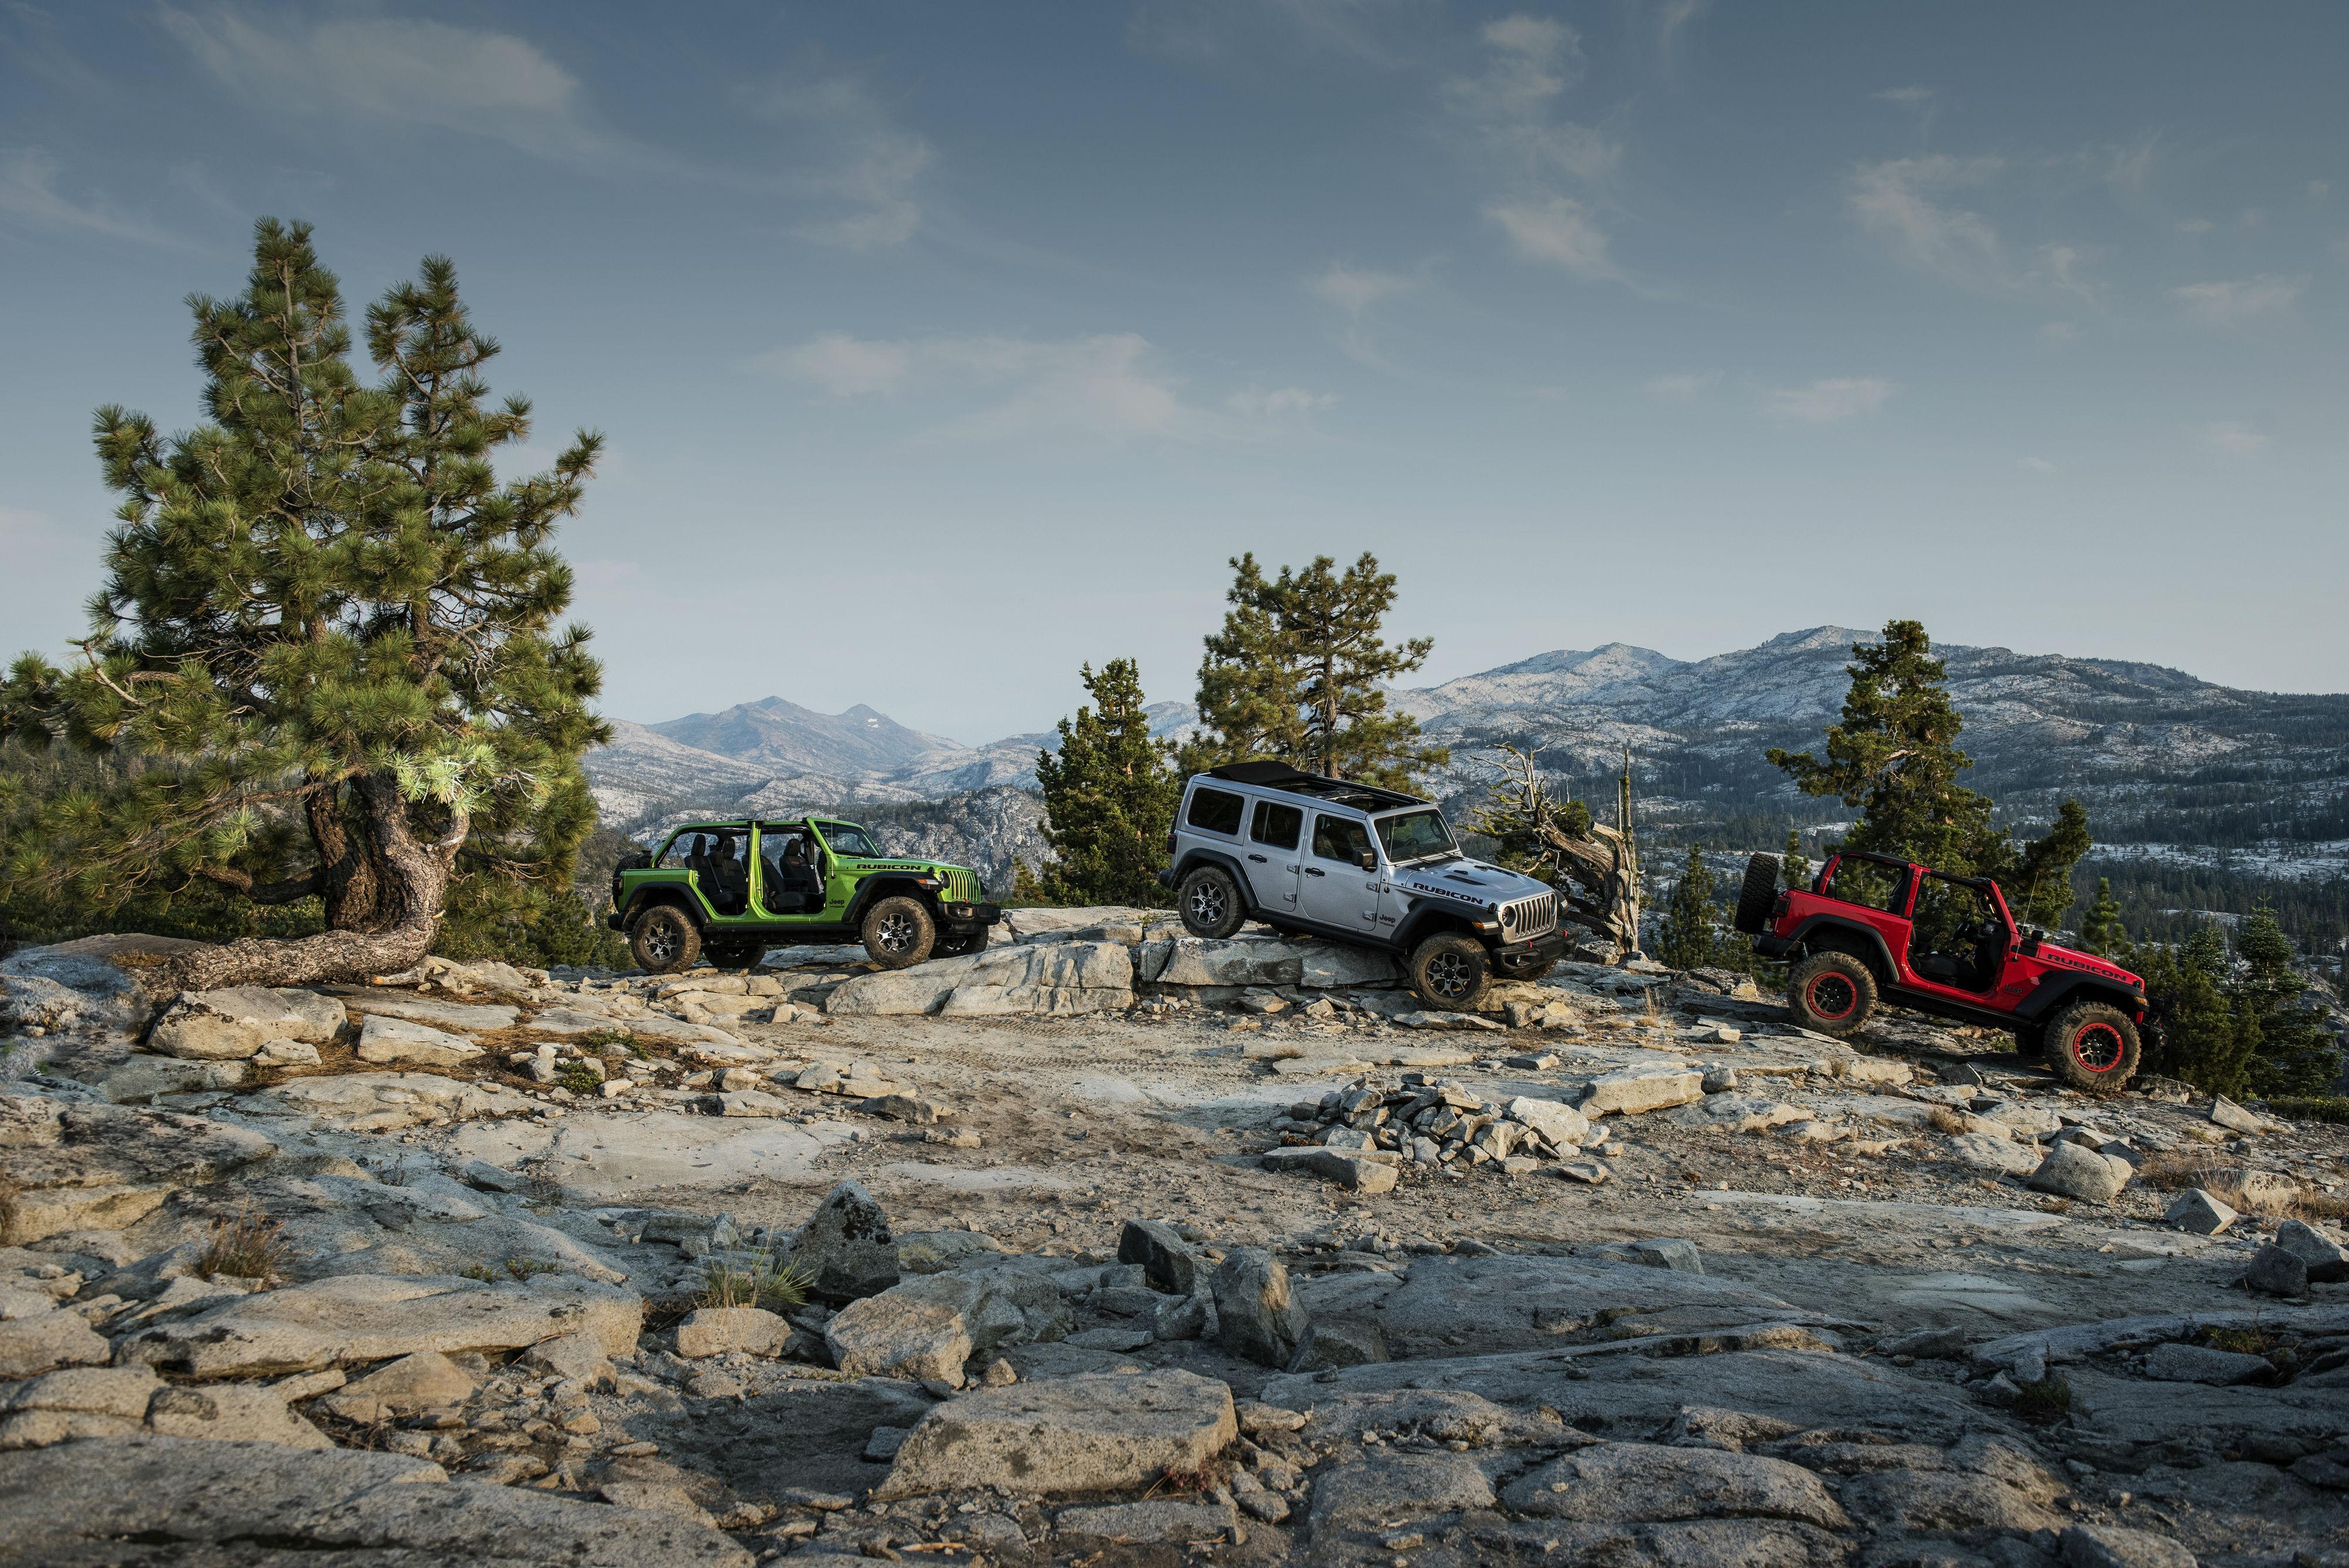 Novo Jeep Wrangler 2019 encara uma das trilhas mais difíceis do mundo